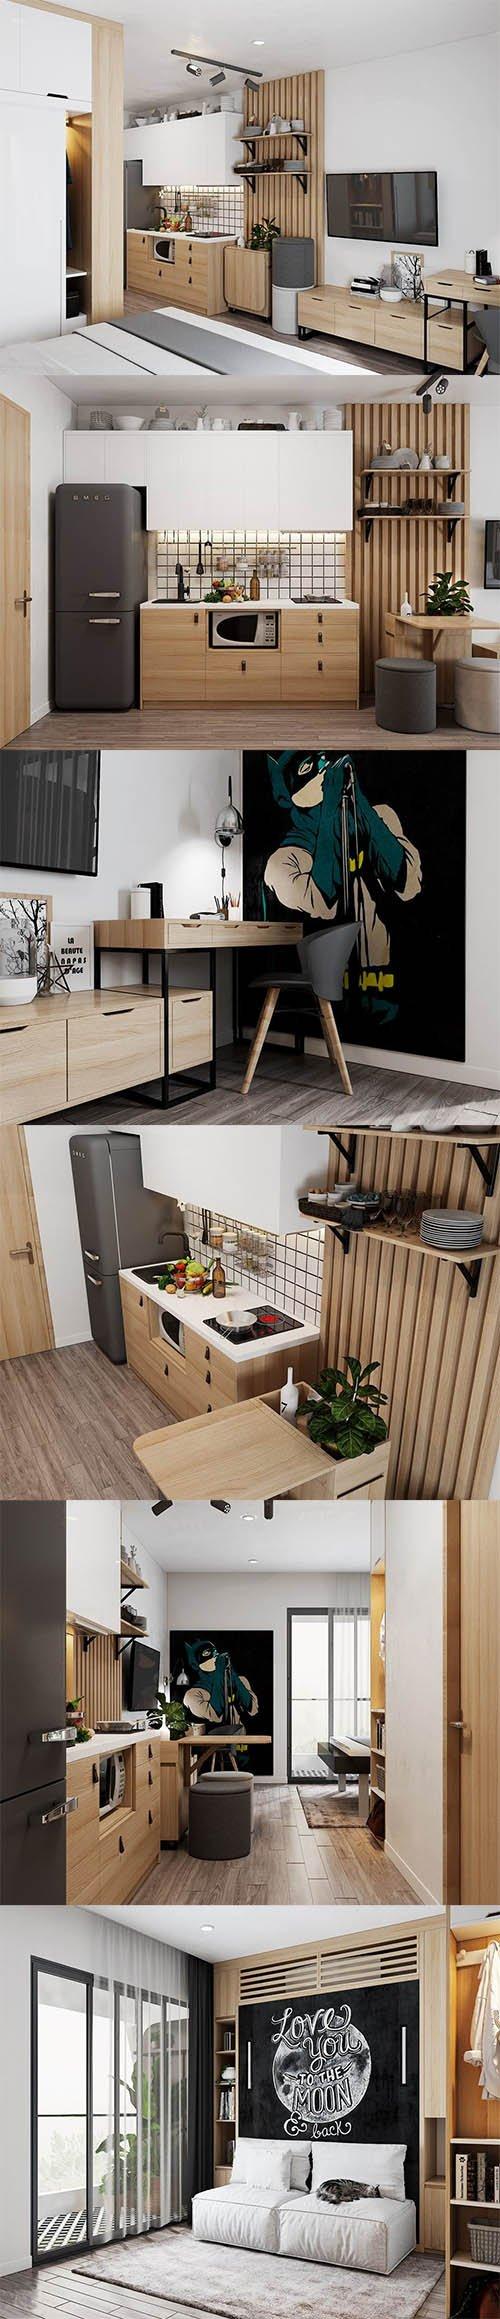 Small Apartment Scandinavian Design 3D model